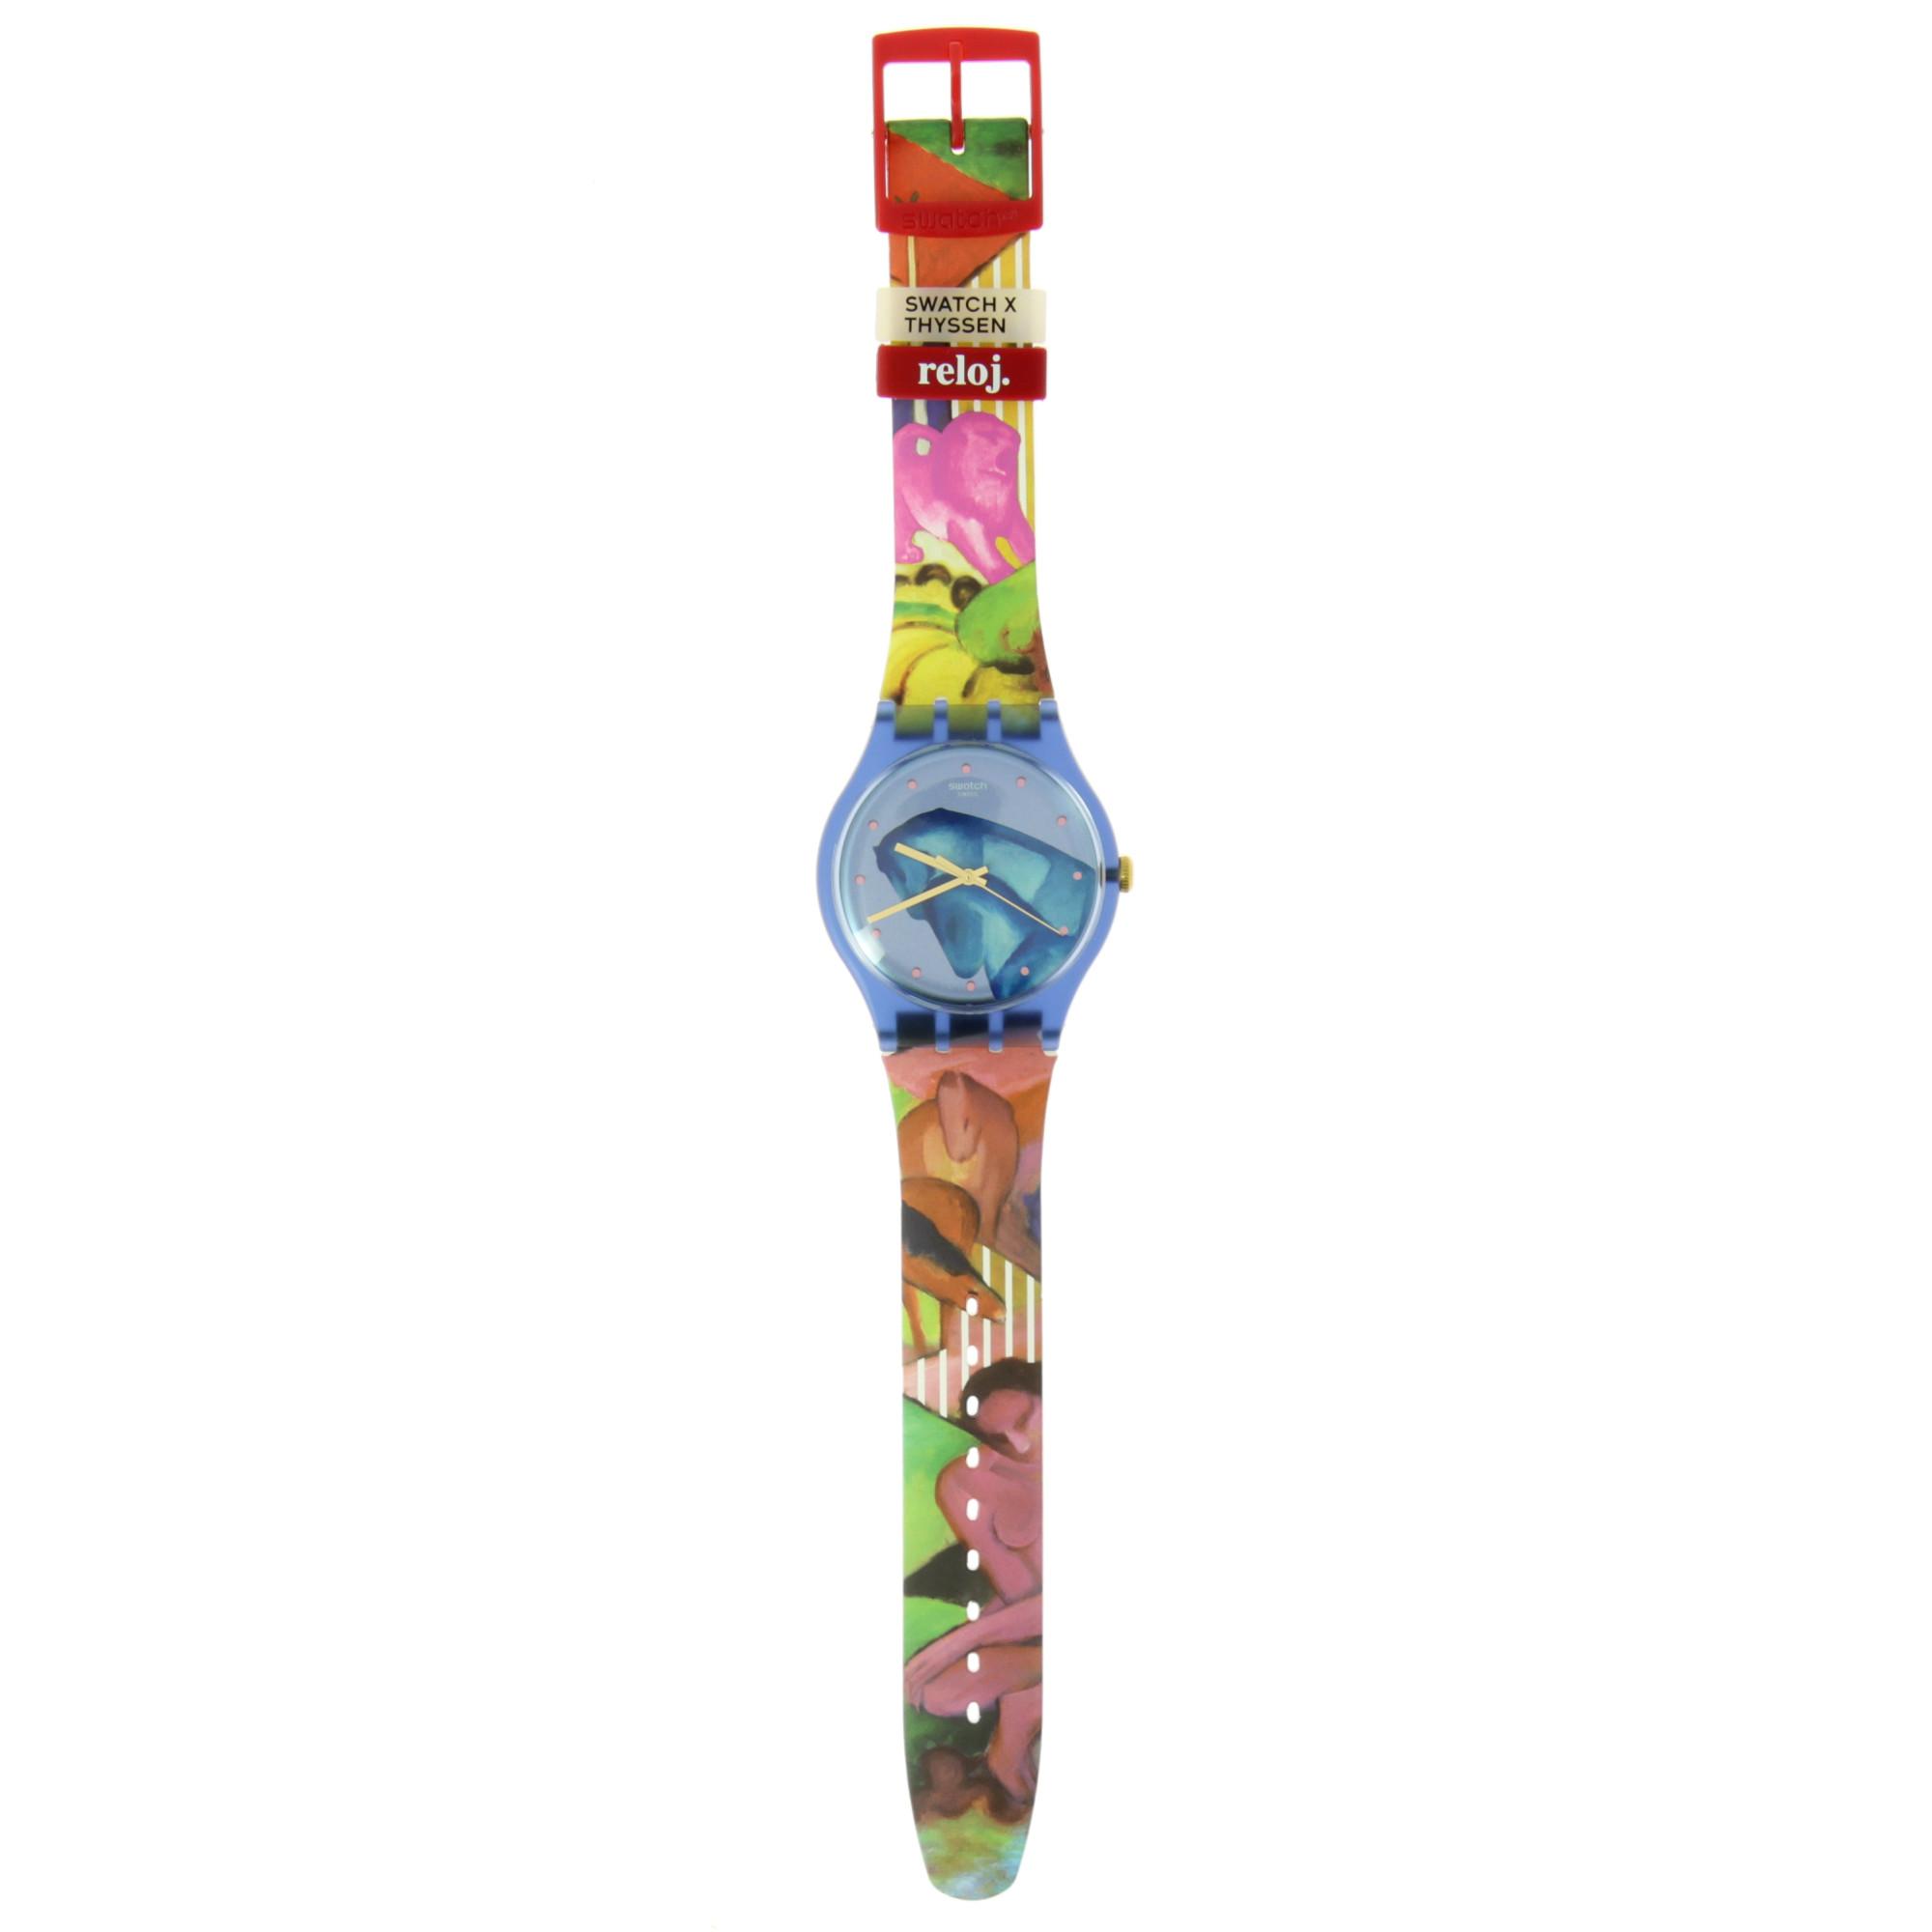 zoom Reloj Swatch+Thyssen Franz Marc Sleepy Garden